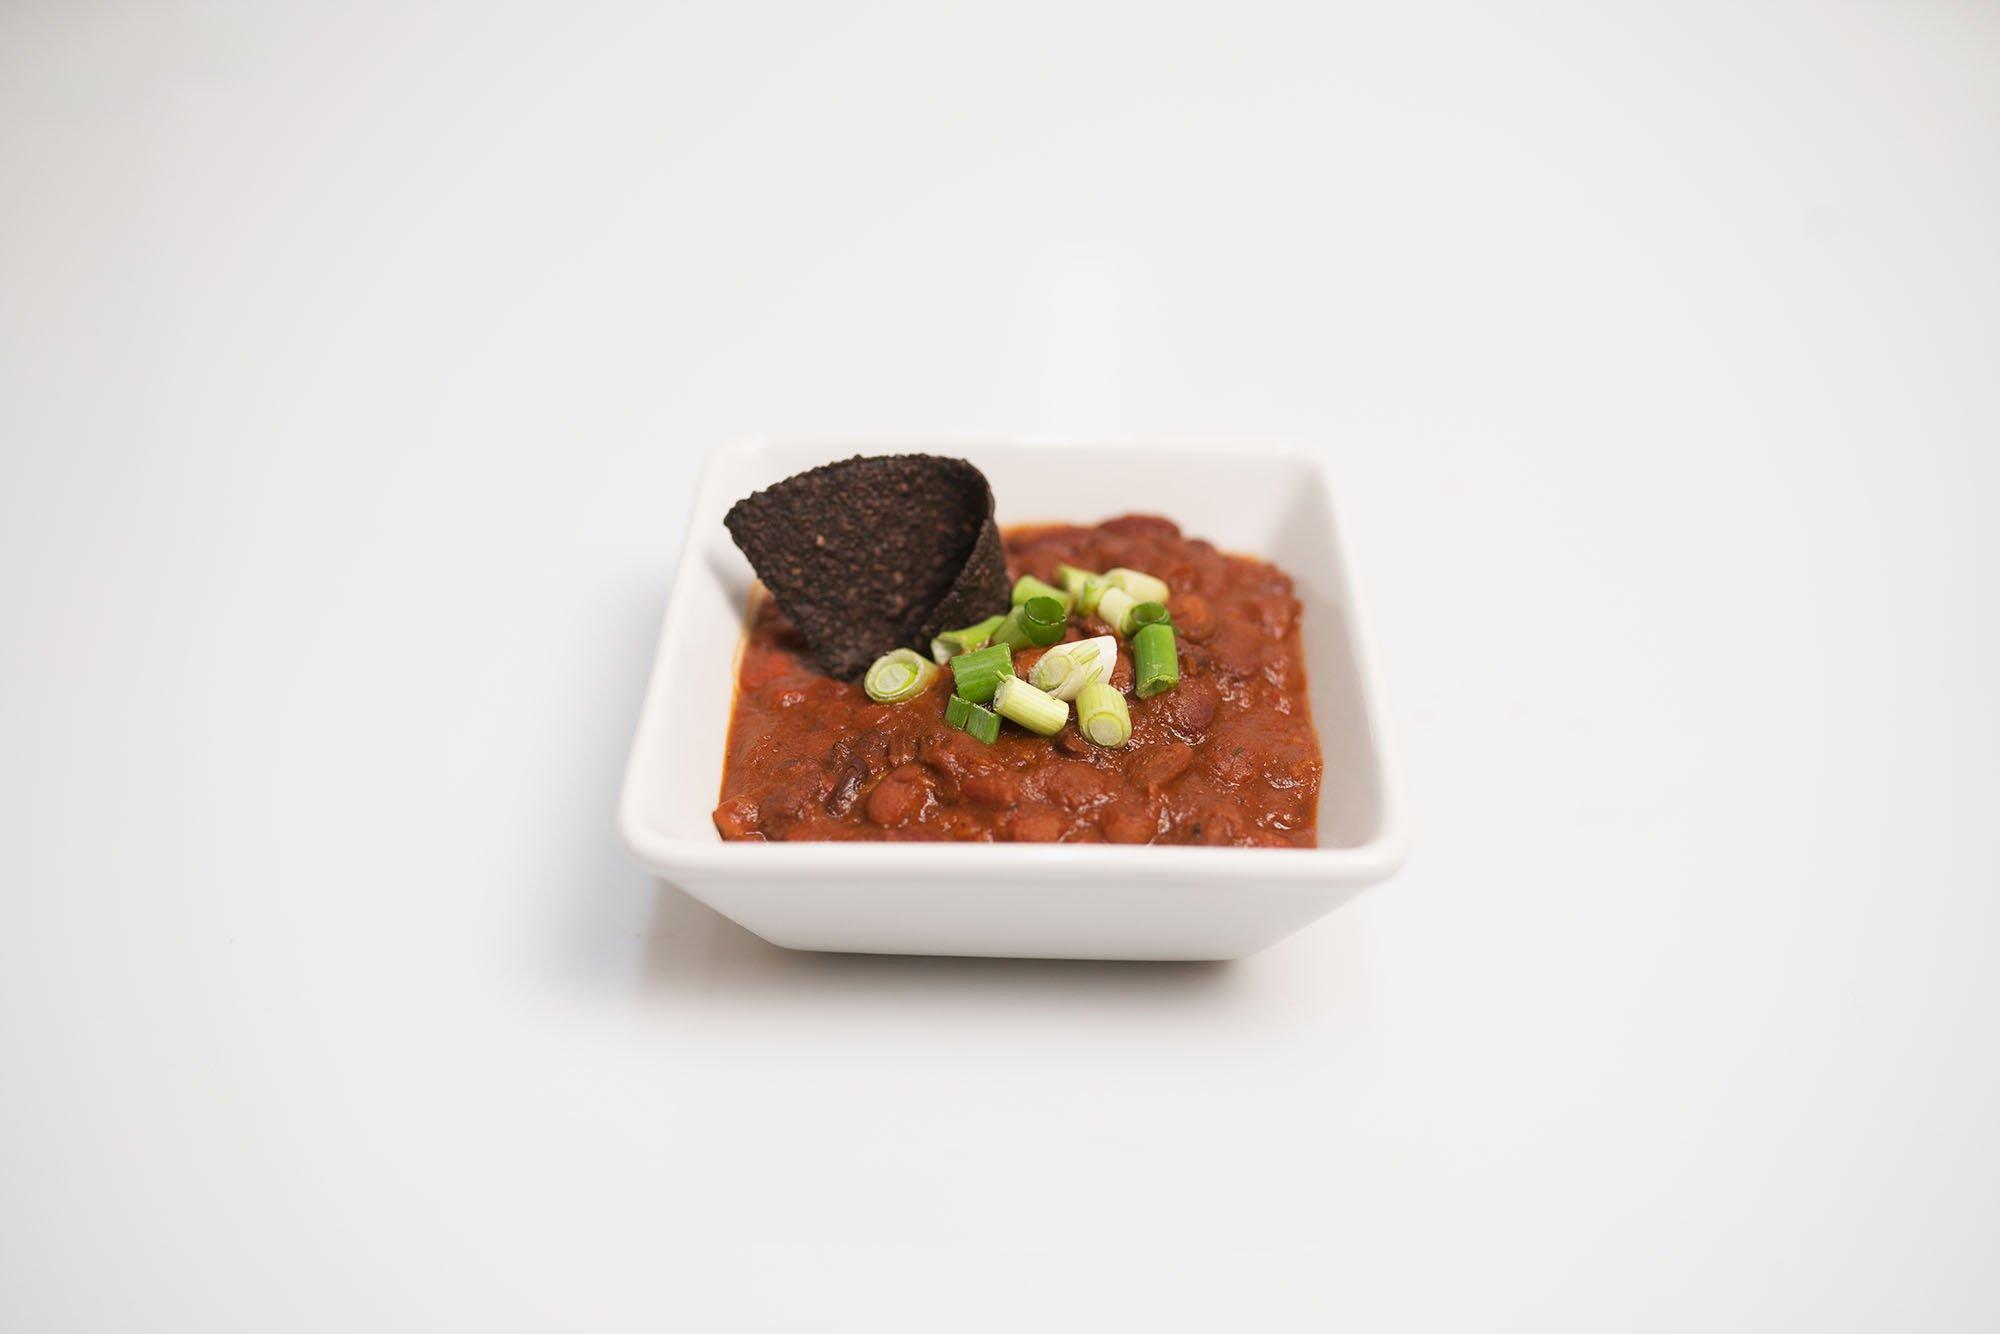 Vegan Chili Boca Raton